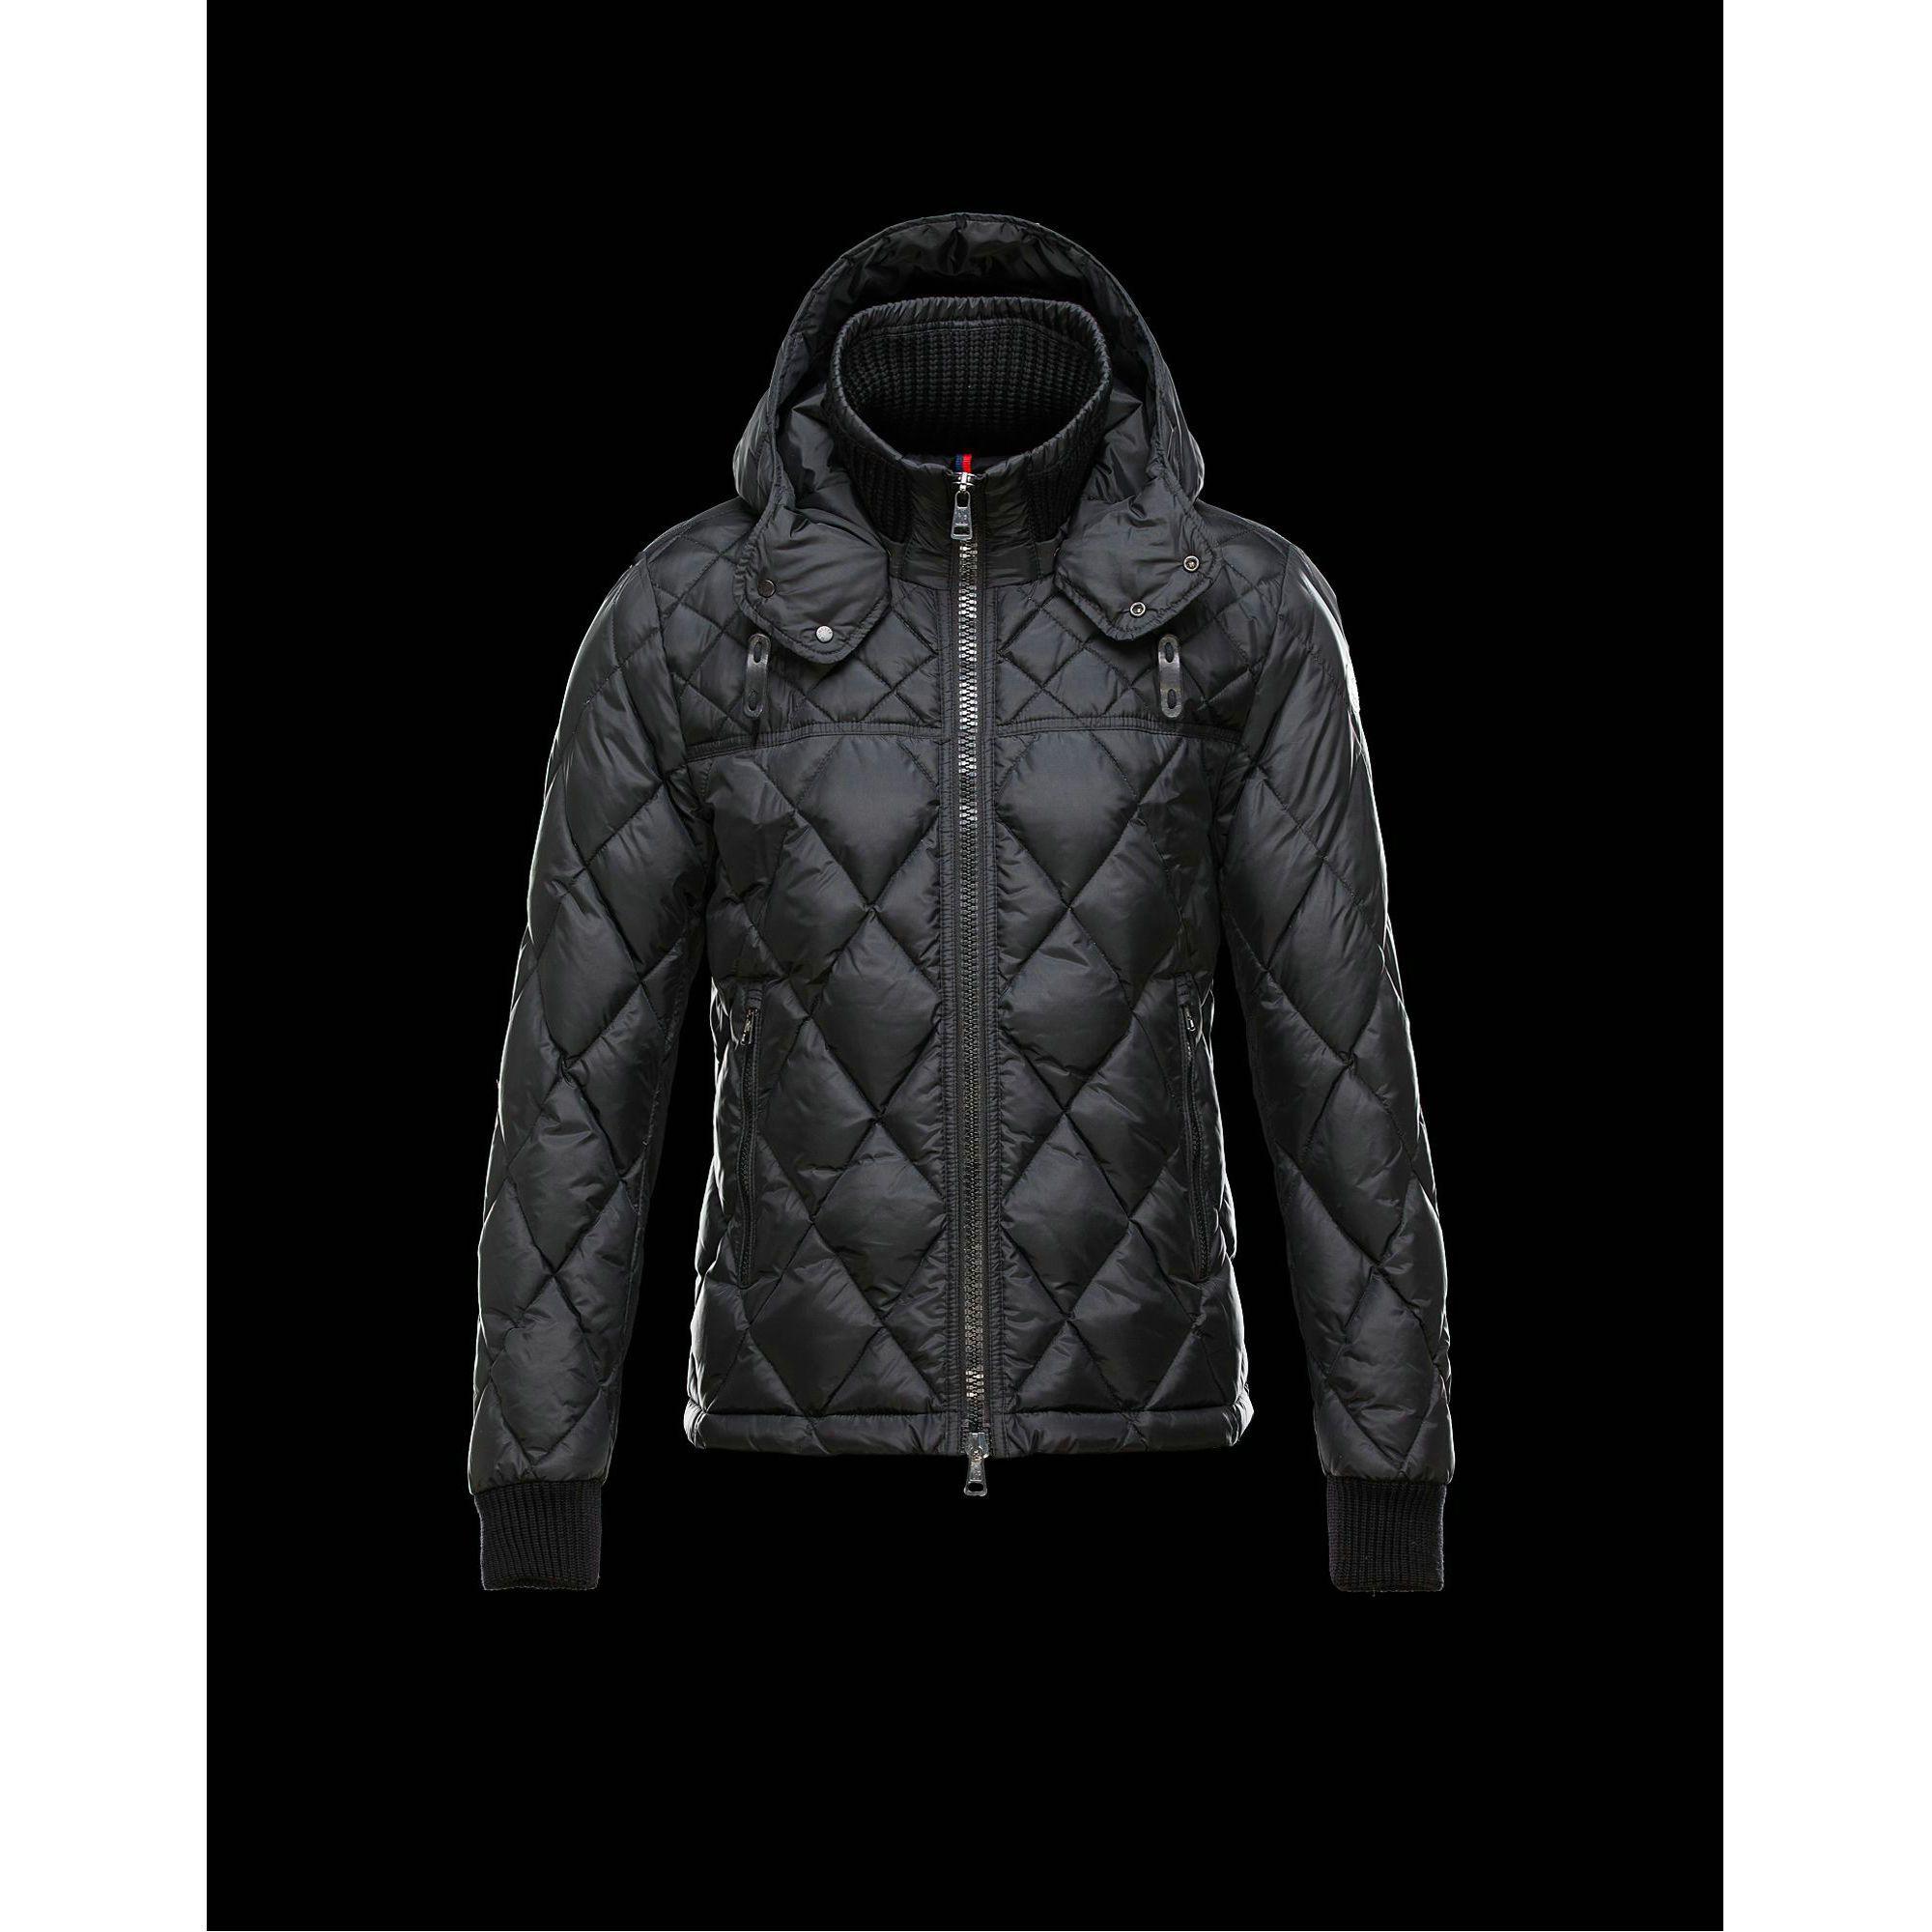 2015 New! Moncler GIRARDOT Fashion Down Jacket Men Black